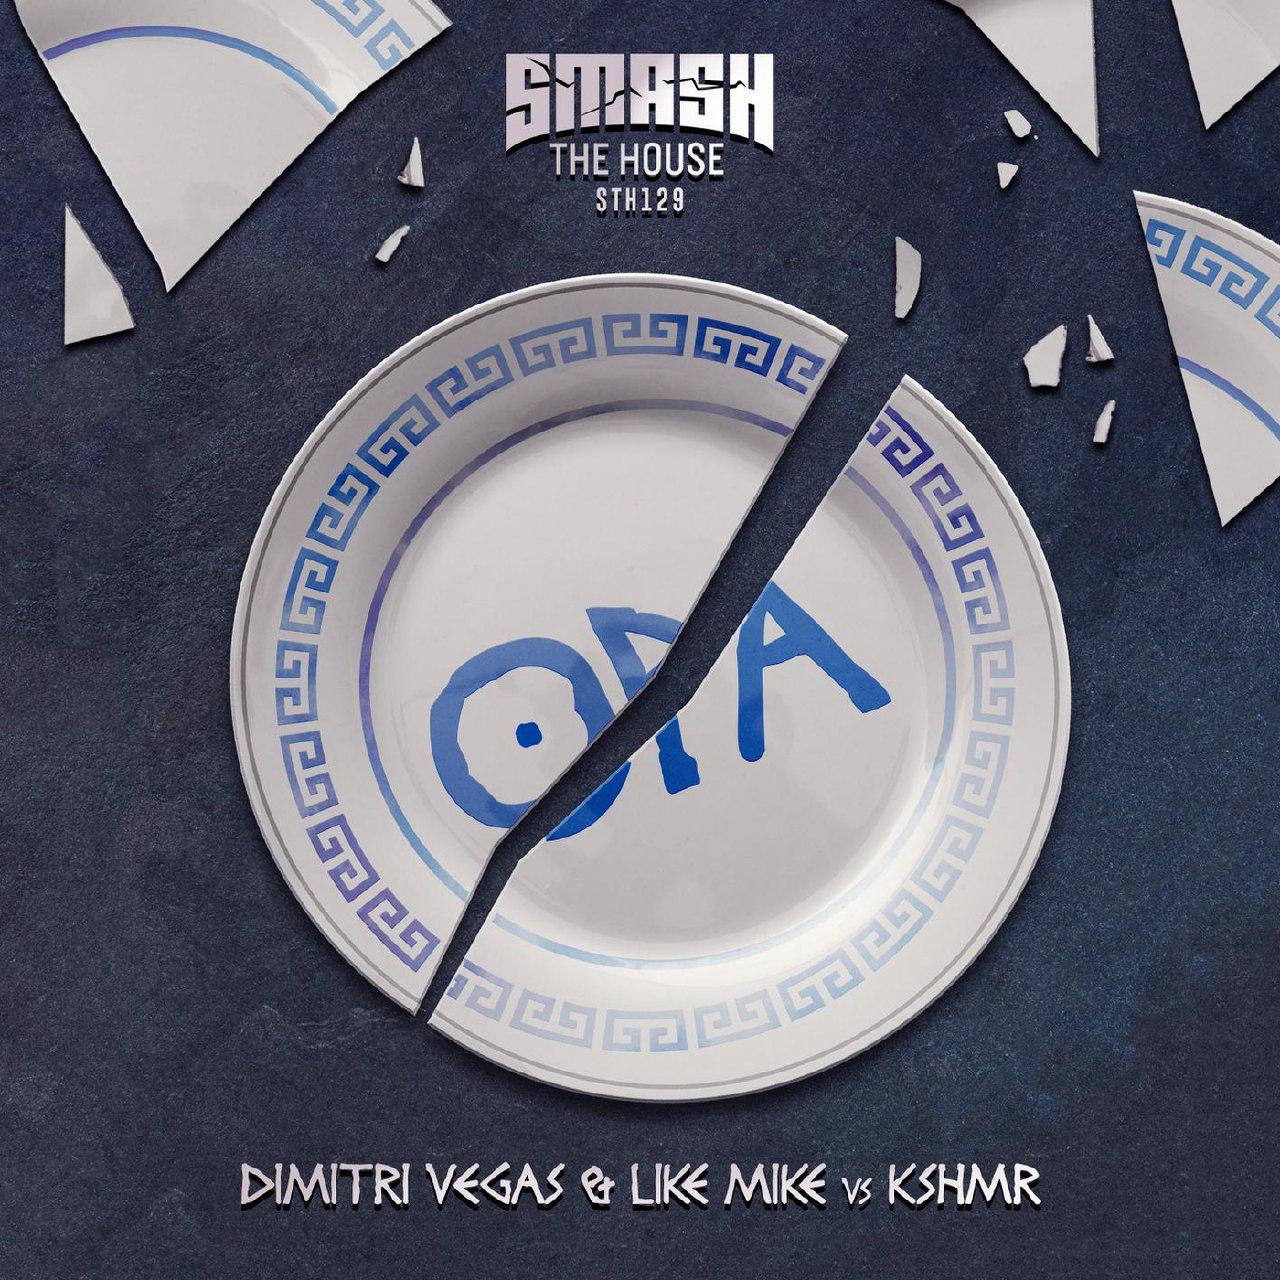 Dimitri Vegas & Like Mike & KSHMR - Opa (Original Mix)